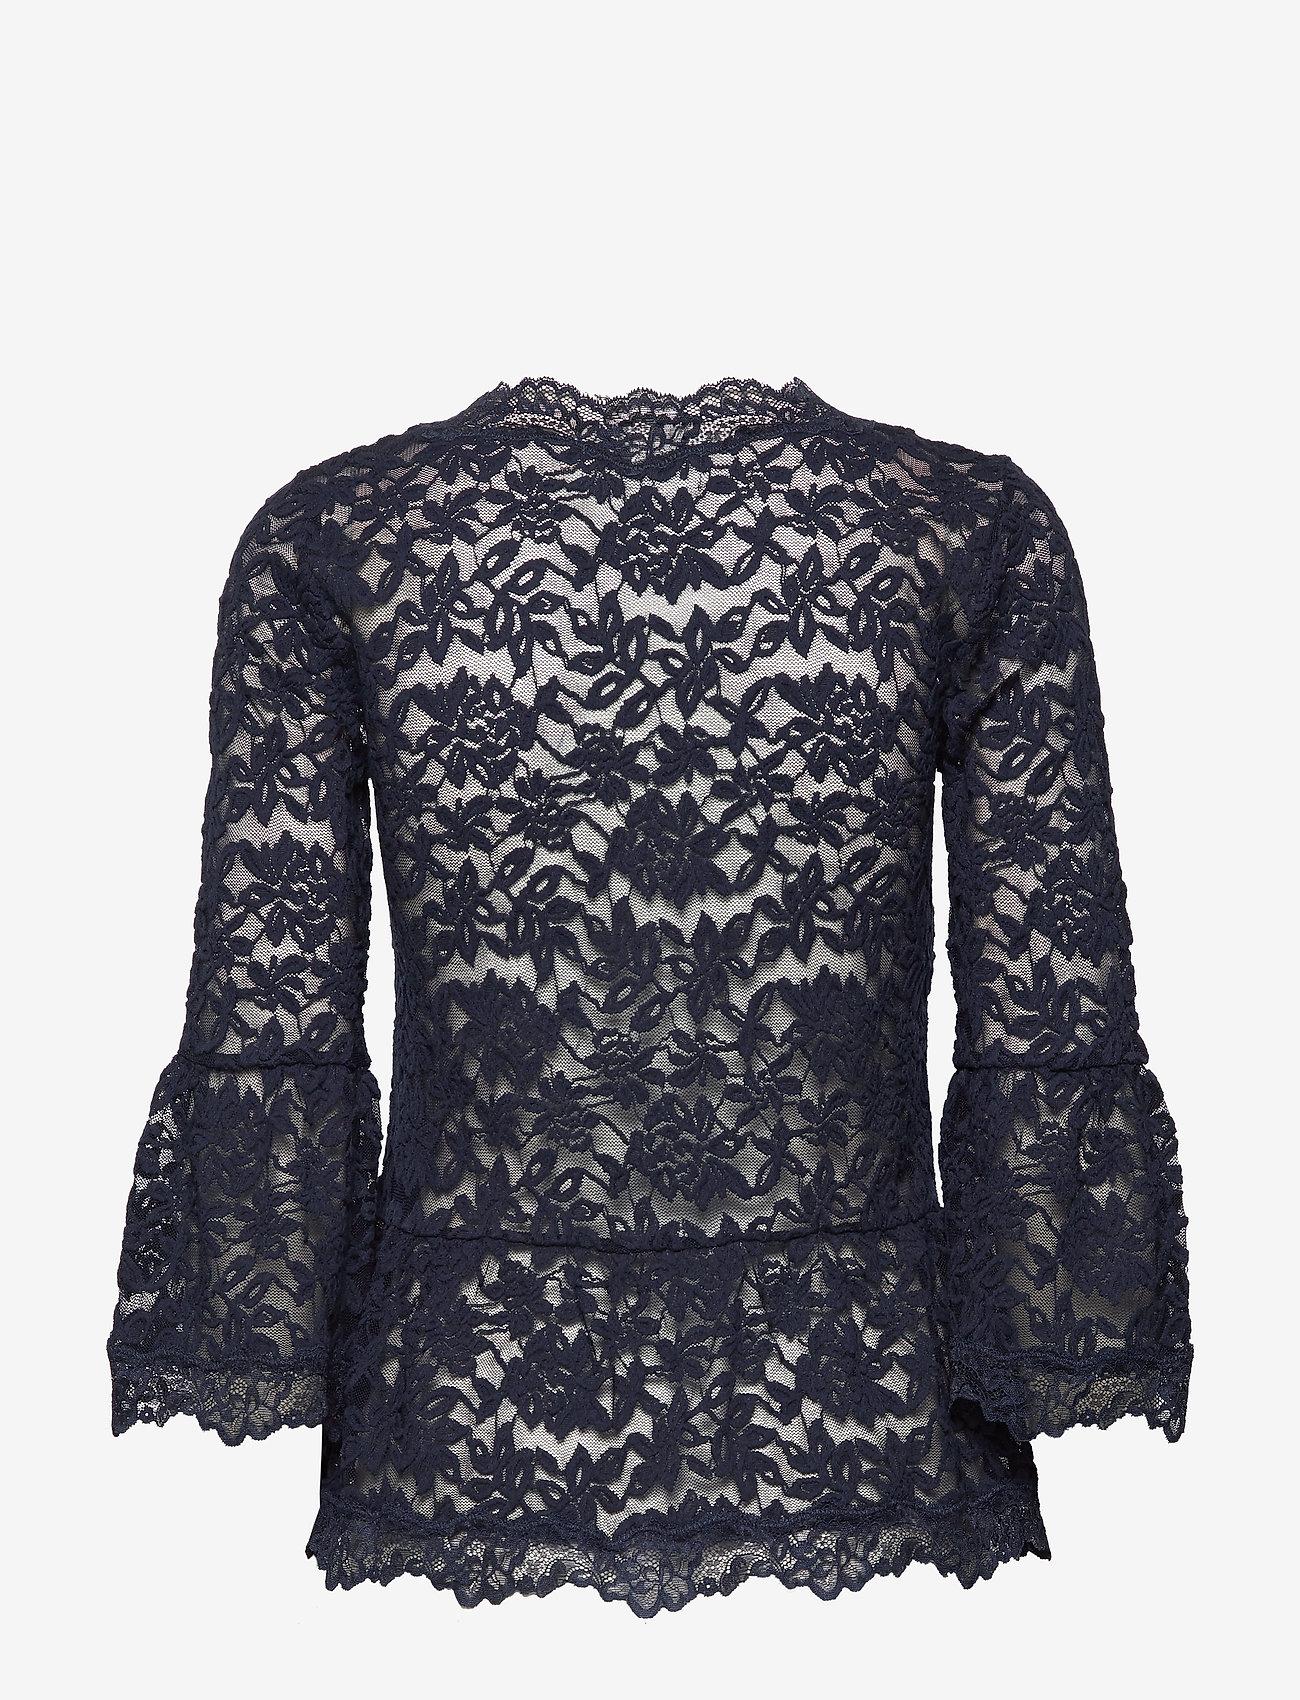 Rosemunde T-shirt 3/4 s - Bluzki & Koszule DARK BLUE - Kobiety Odzież.